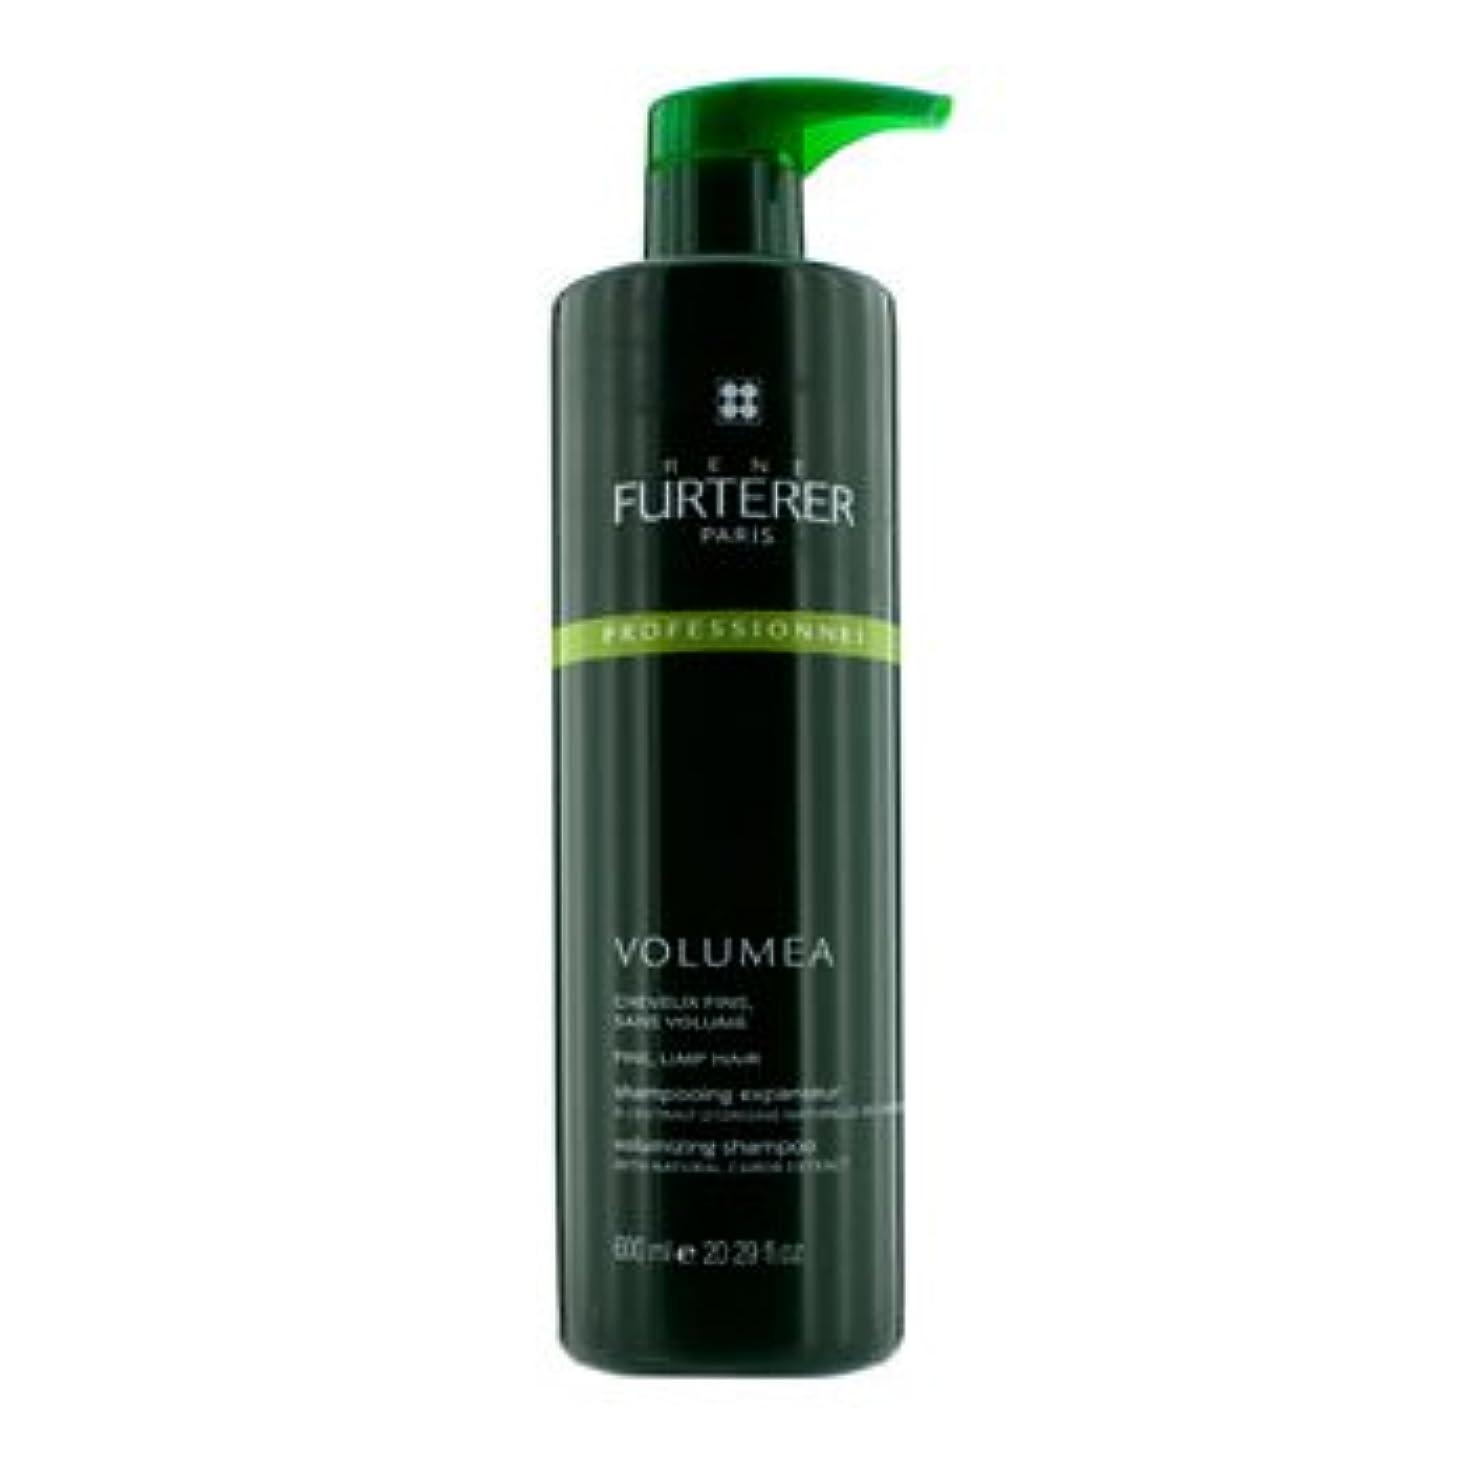 マウス見込み低下[Rene Furterer] Volumea Volumizing Shampoo (For Fine and Limp Hair) 600ml/20.29oz